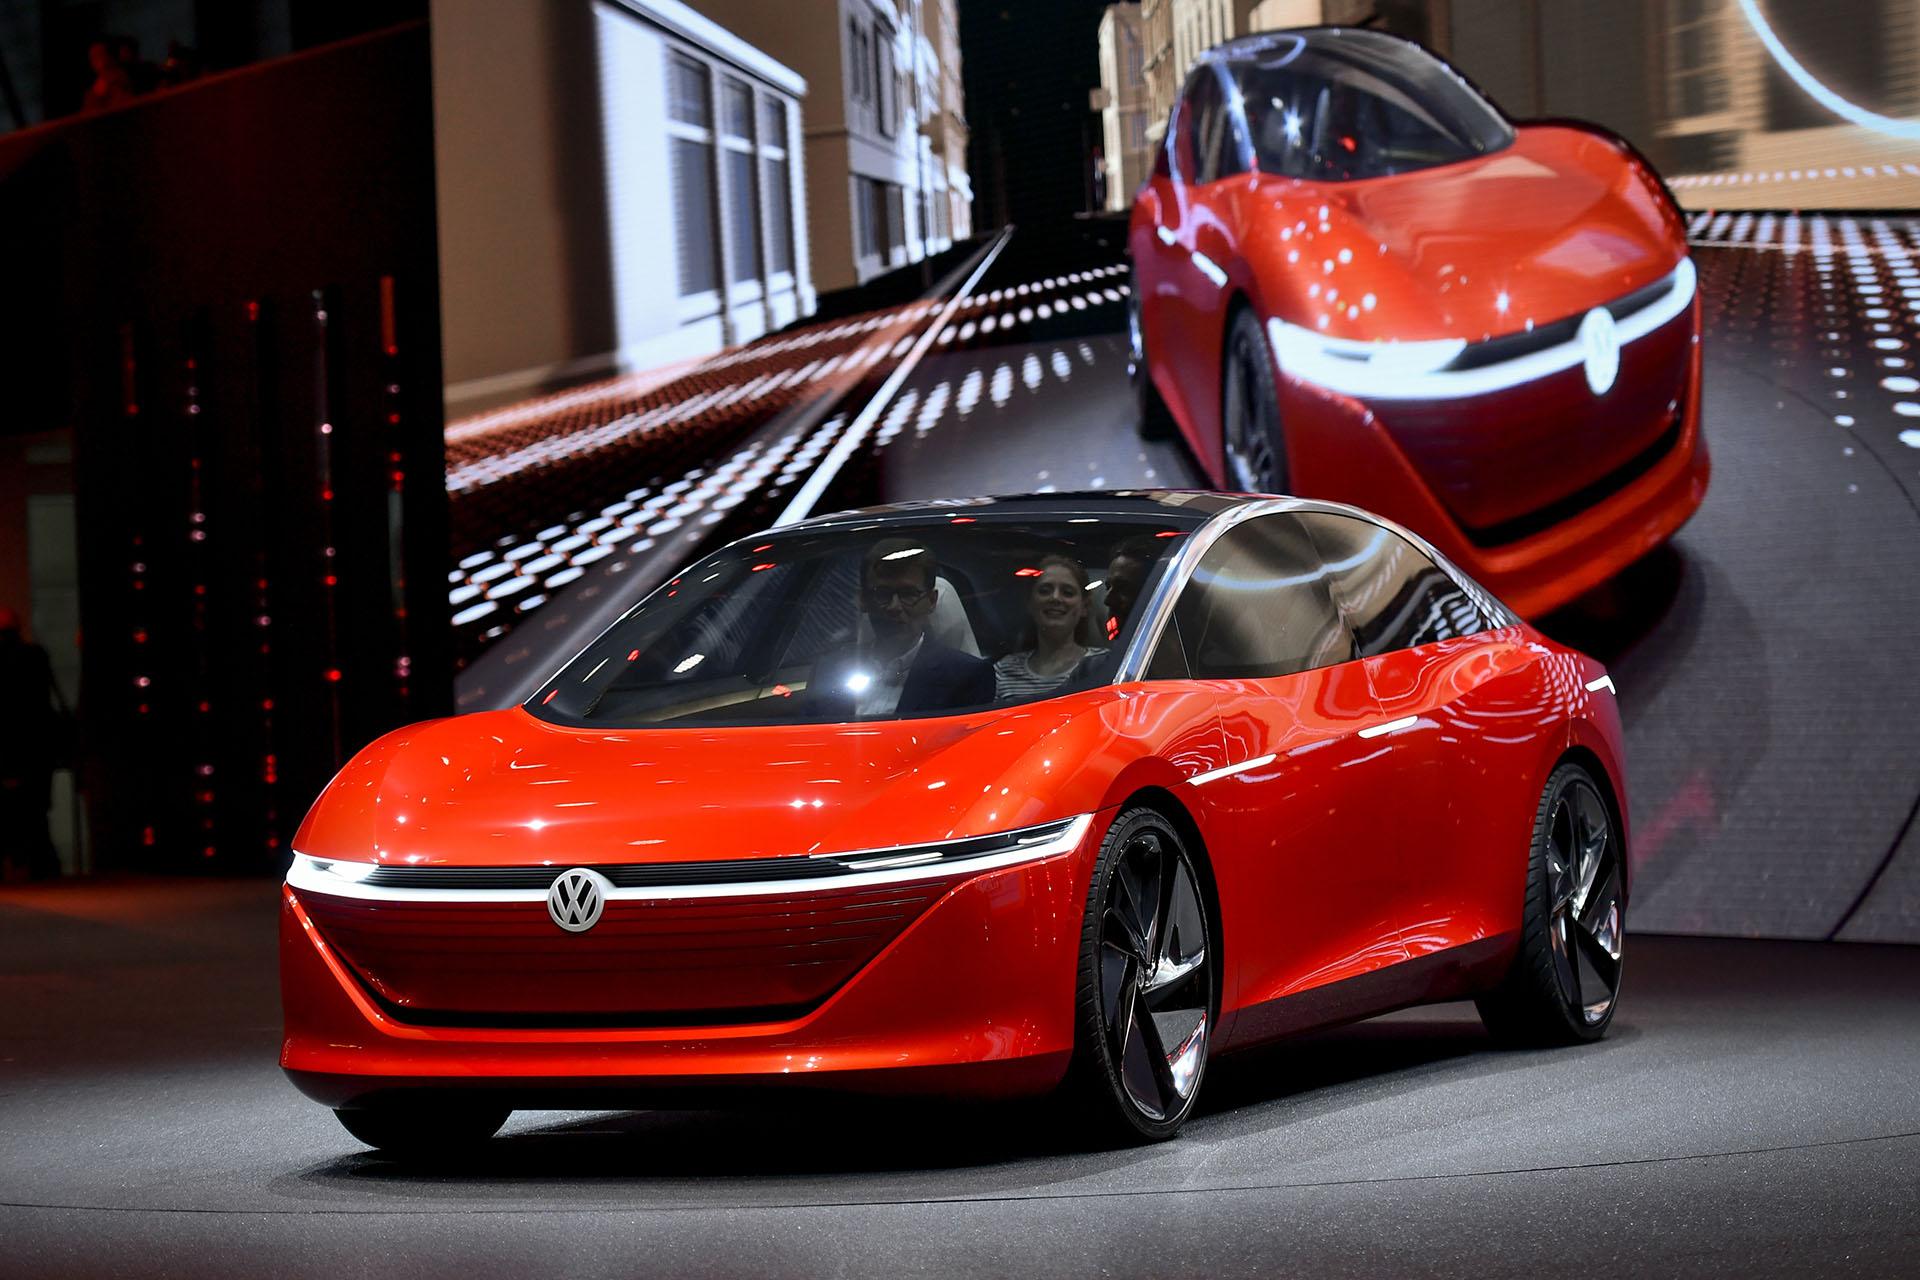 Un escaparate hacia el futuro. En Ginebra también hubo prototipos que invitan a ver la movilidad del mañana. ElVolkswagen I.D. Vizzion es uno de ellos: 100 eléctrico, completamente autónomo, no tiene volante y dispone de una autonomía de carga de 665 kilómetros